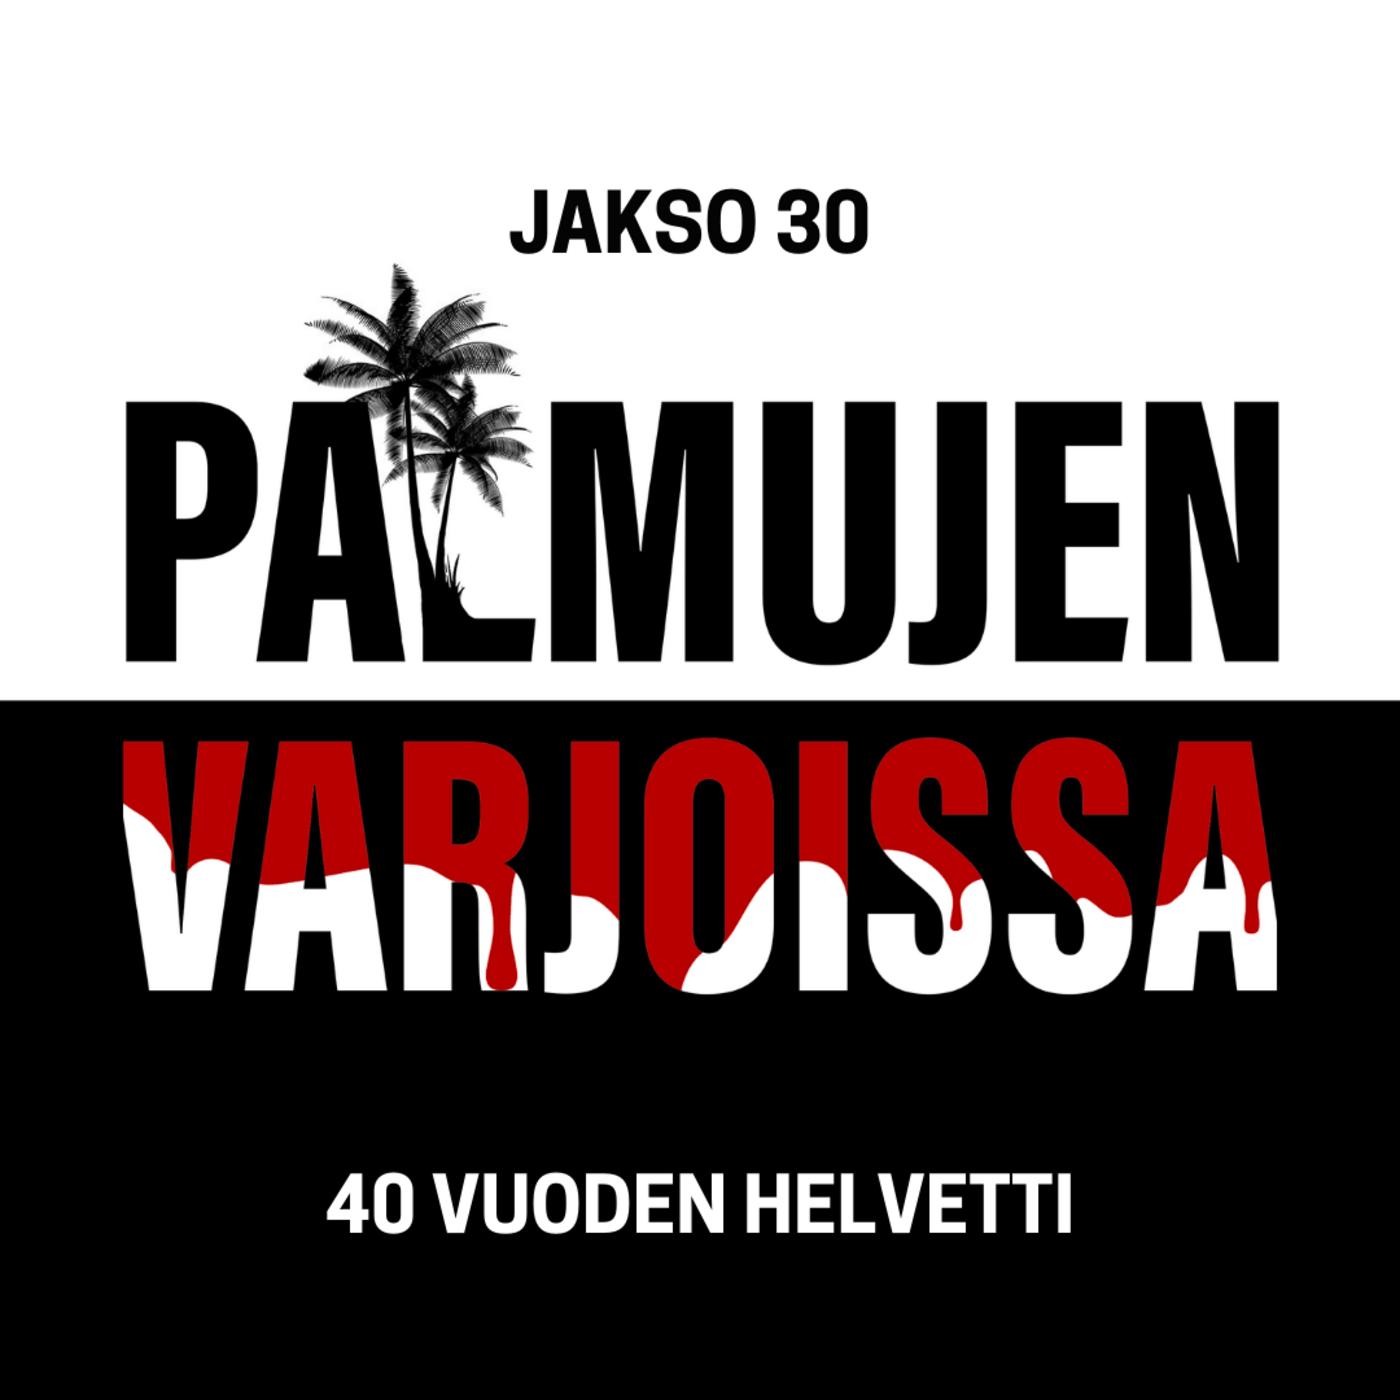 30: 40 vuoden helvetti